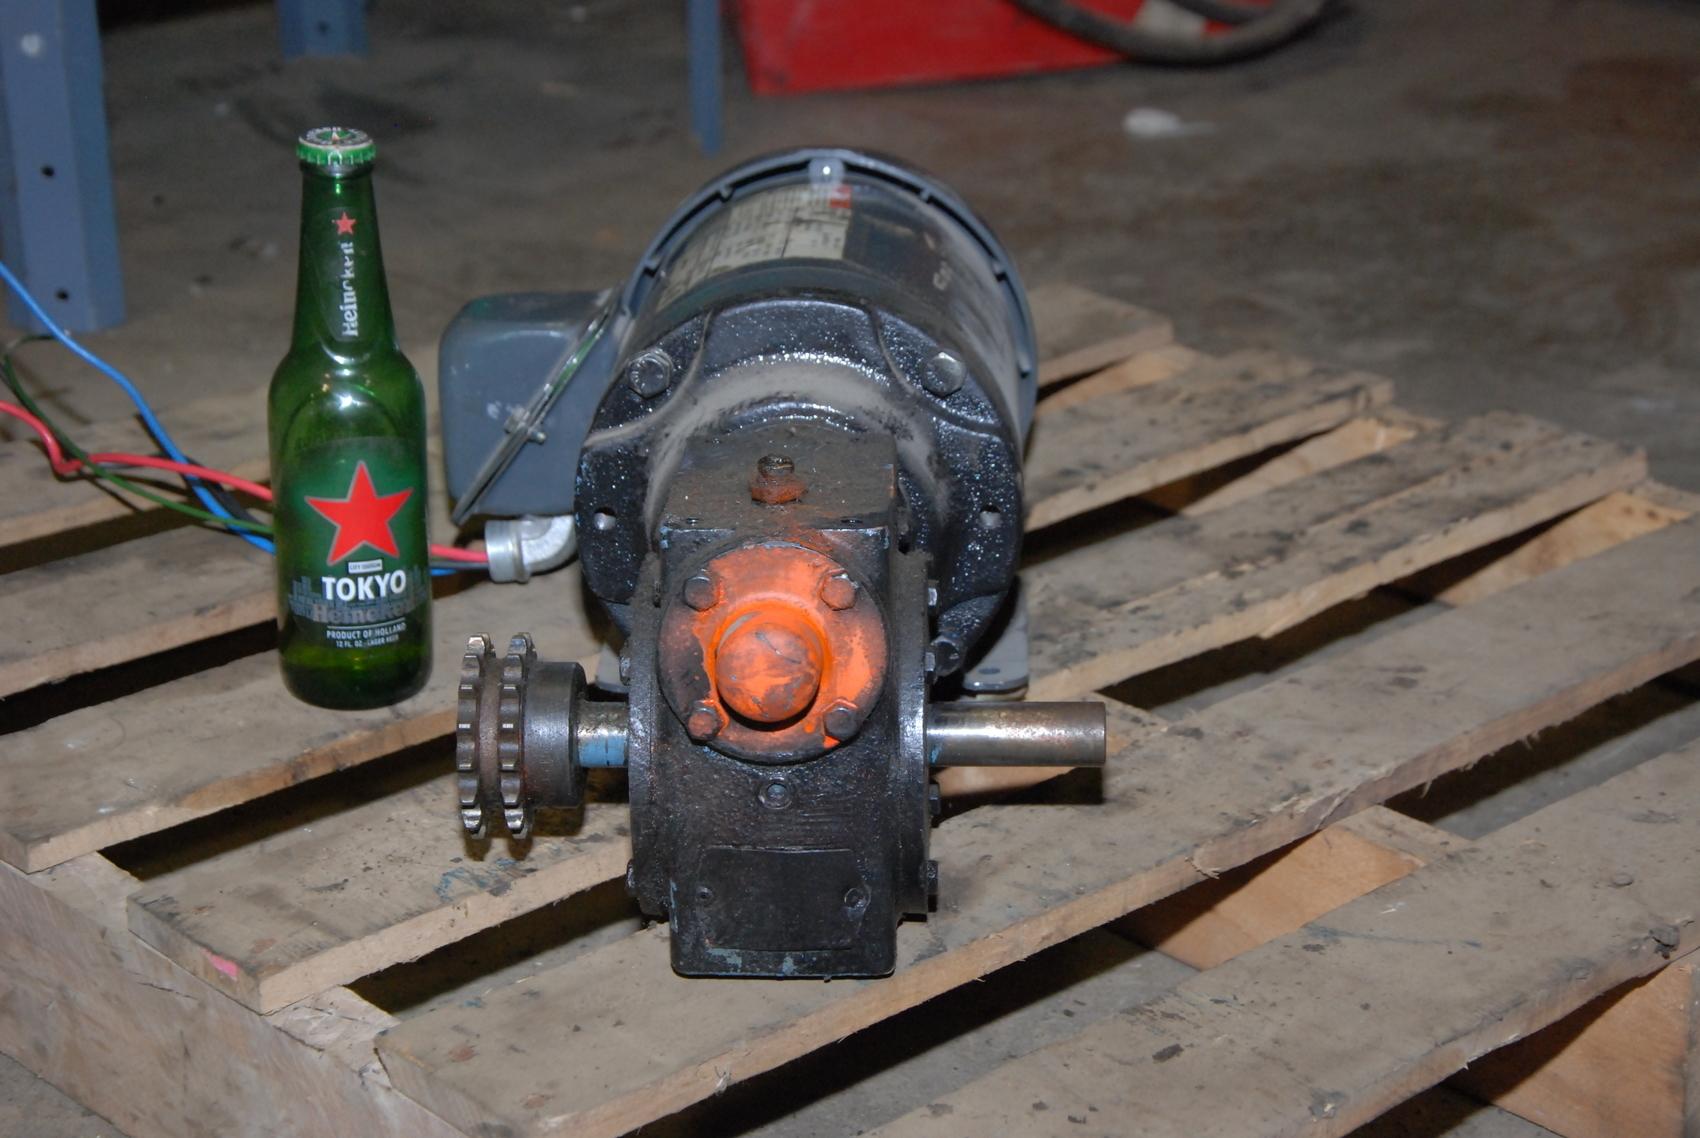 Hub City Gear Motor 5 1wr Ratio W Emerson 2hp Electric